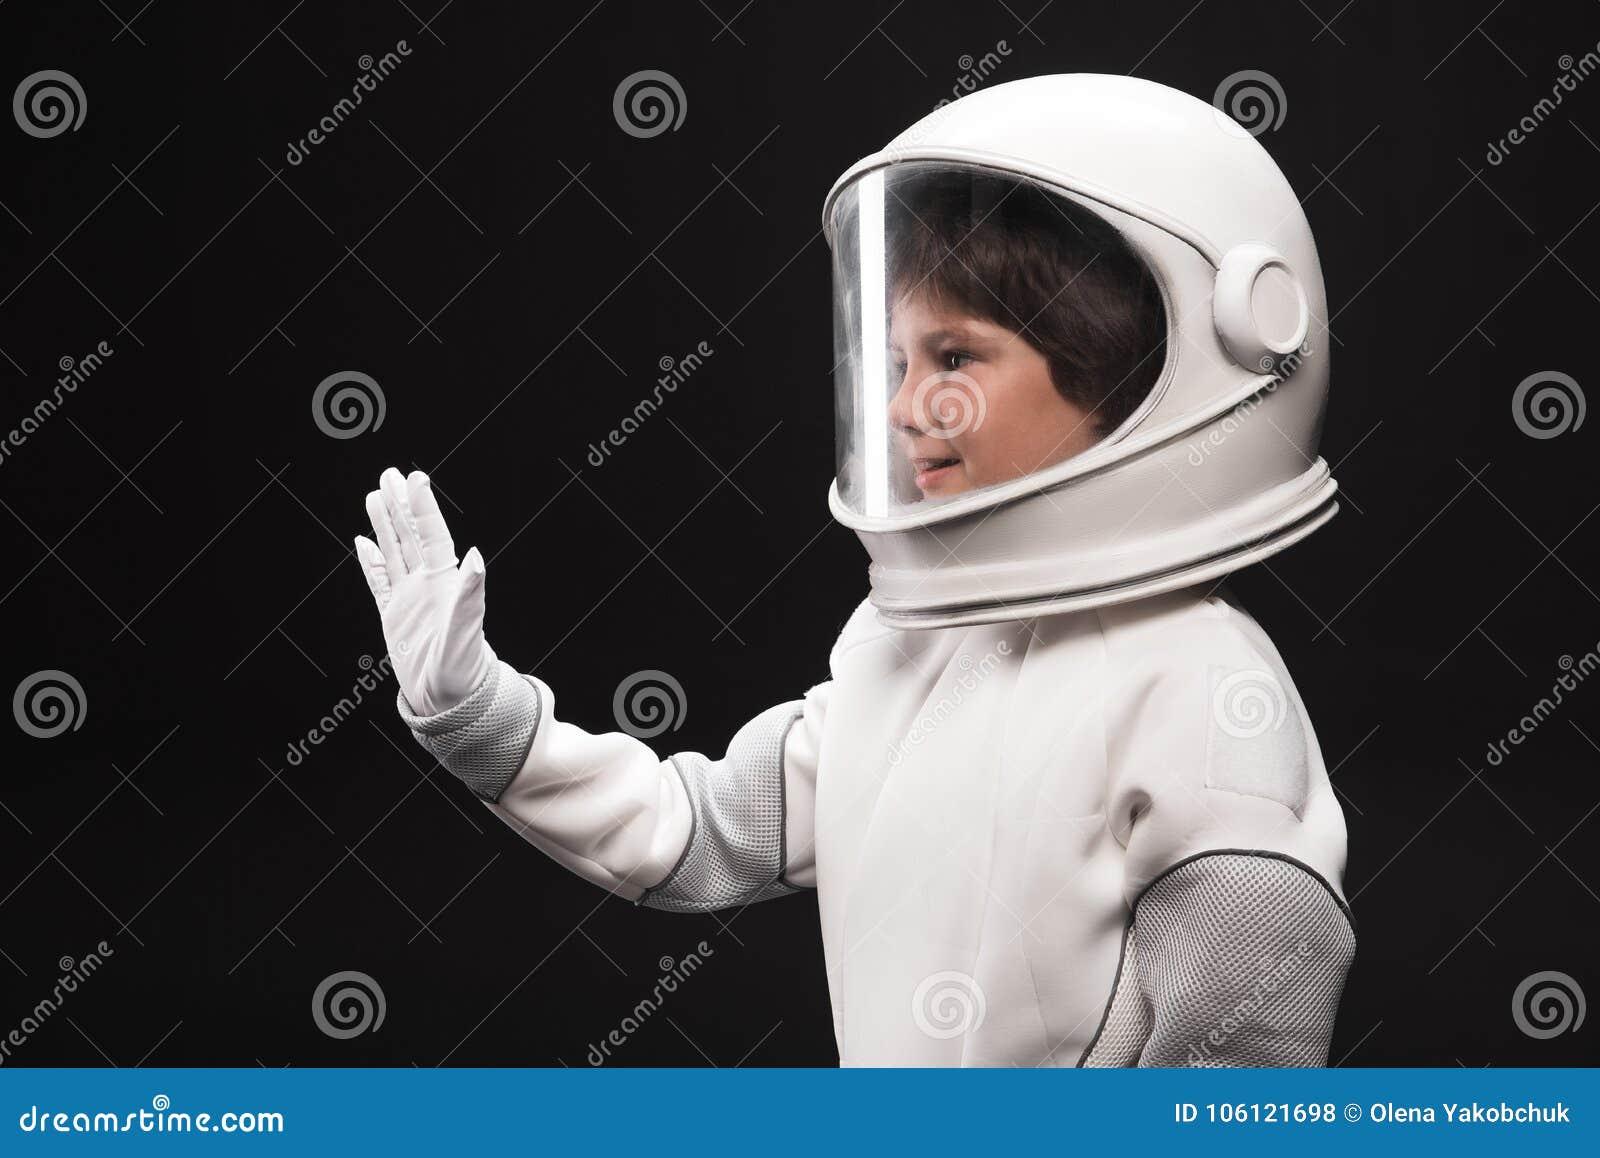 Heet de vriendelijkheids kleine astronaut iemand welkom